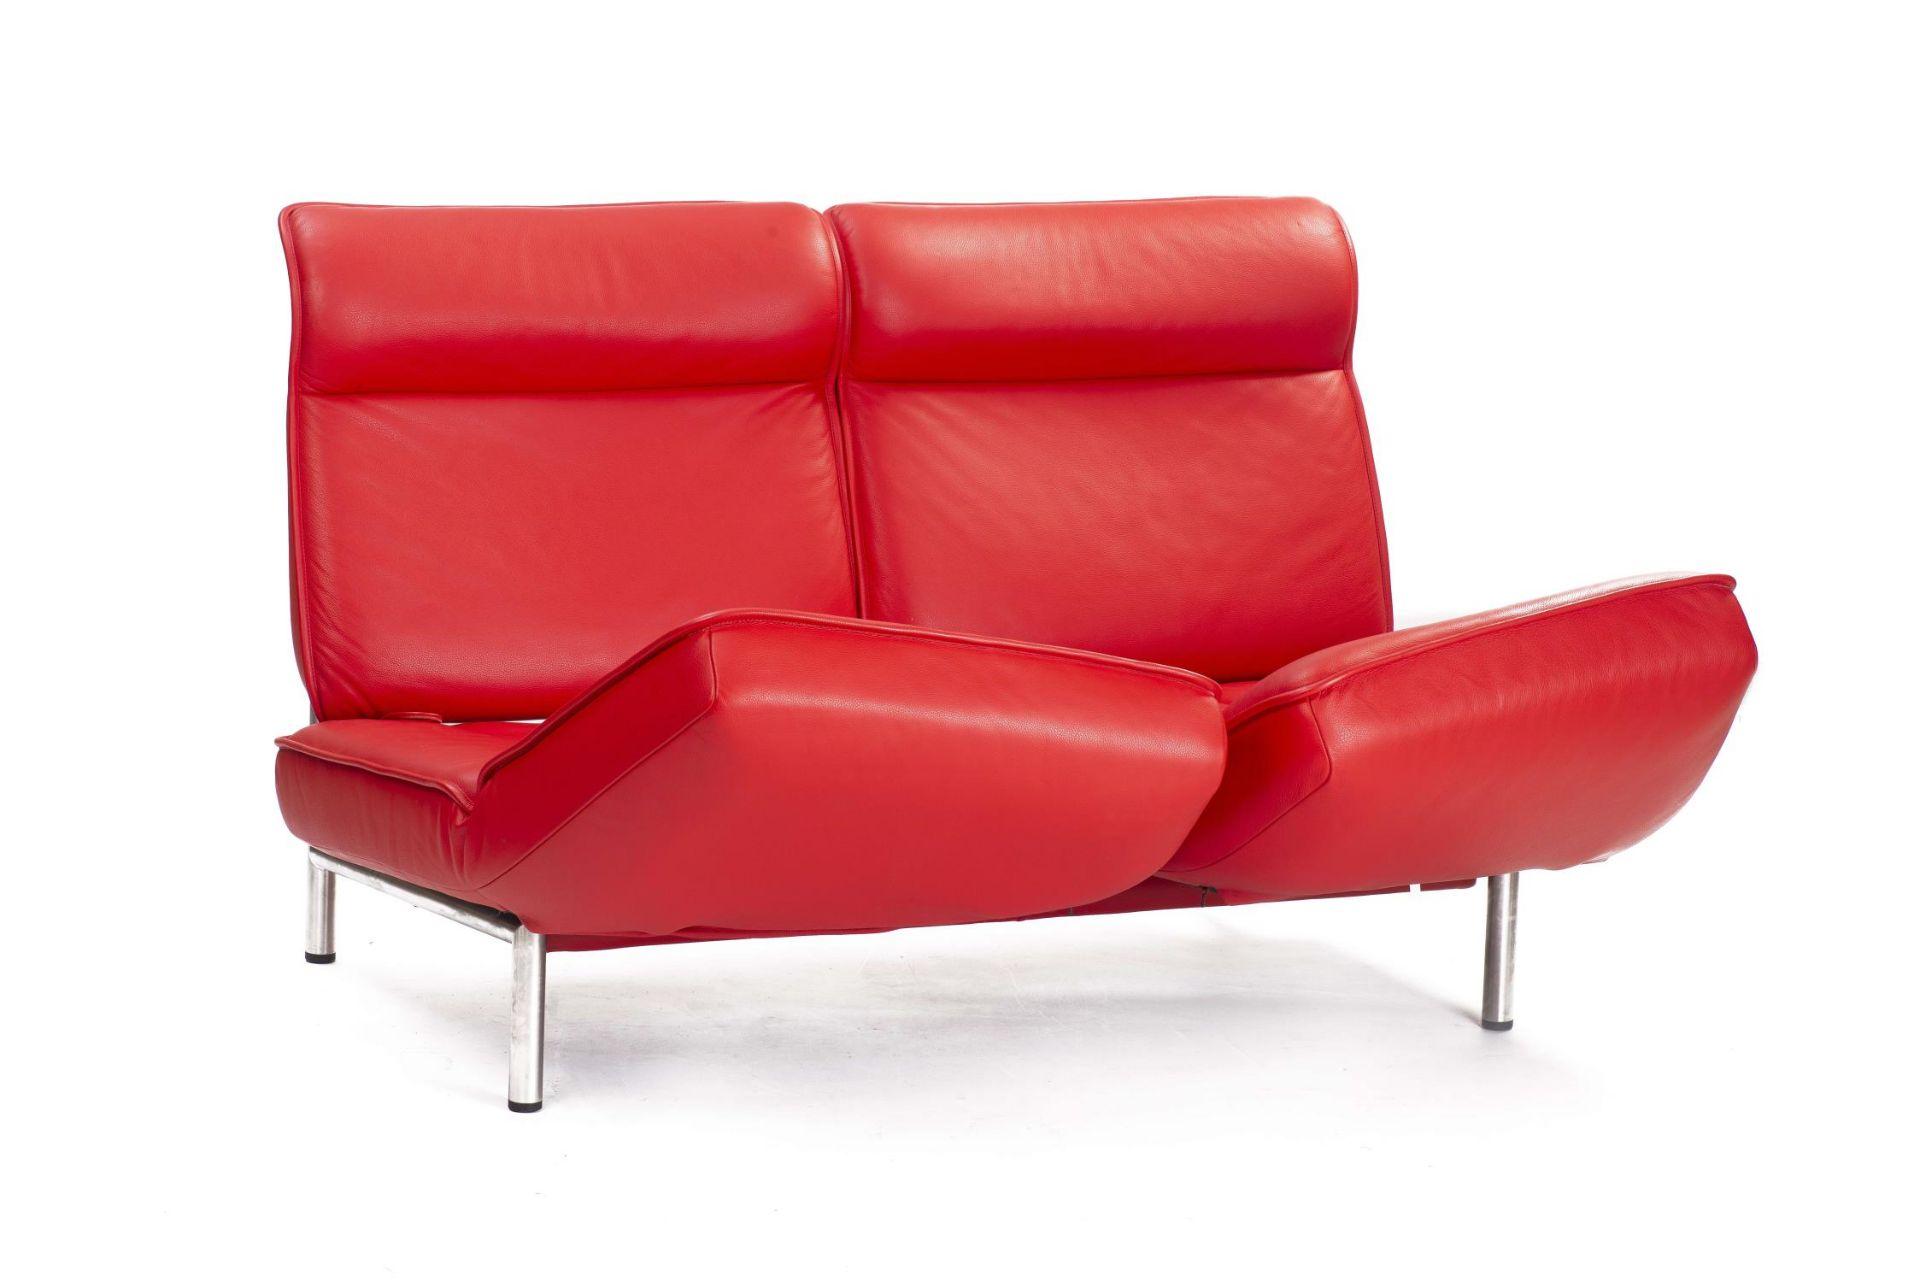 Thomas Althaus, canapé de Sède, modèle ds-450 - Bild 10 aus 10